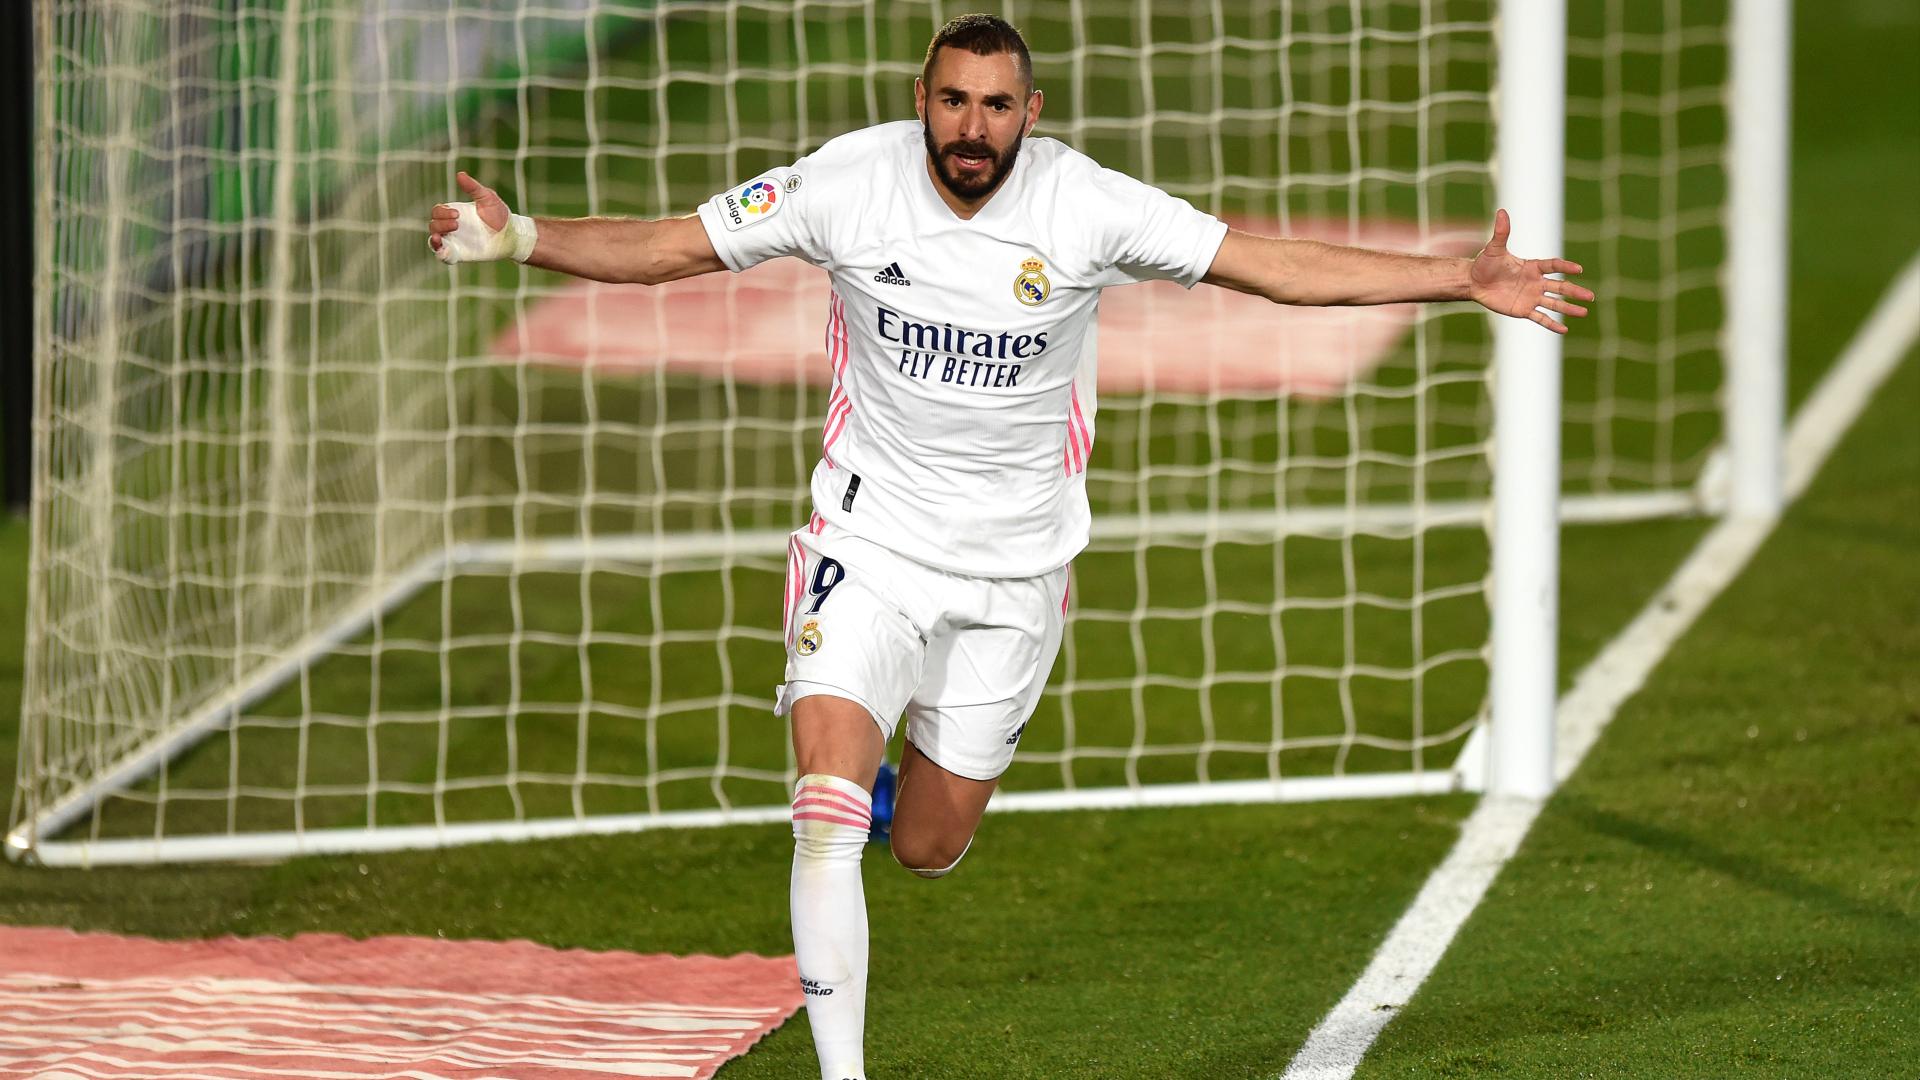 Benzema is the best – Zidane hails striker after Madrid brace